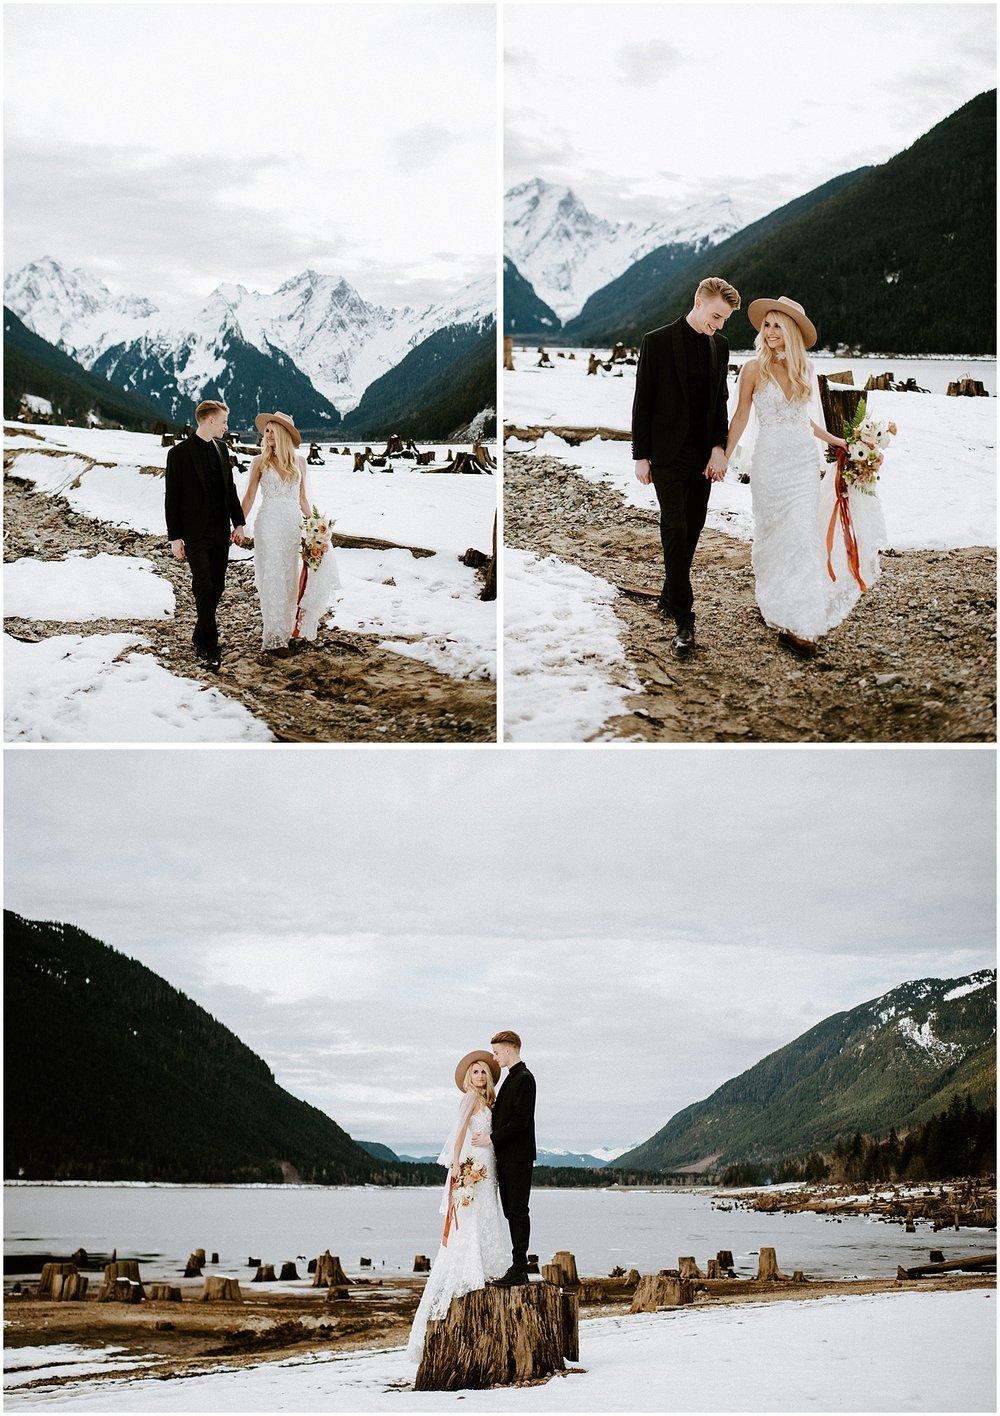 Jones_Lake_wedding_winter_elopement_vancouver_photographer_0254.jpg